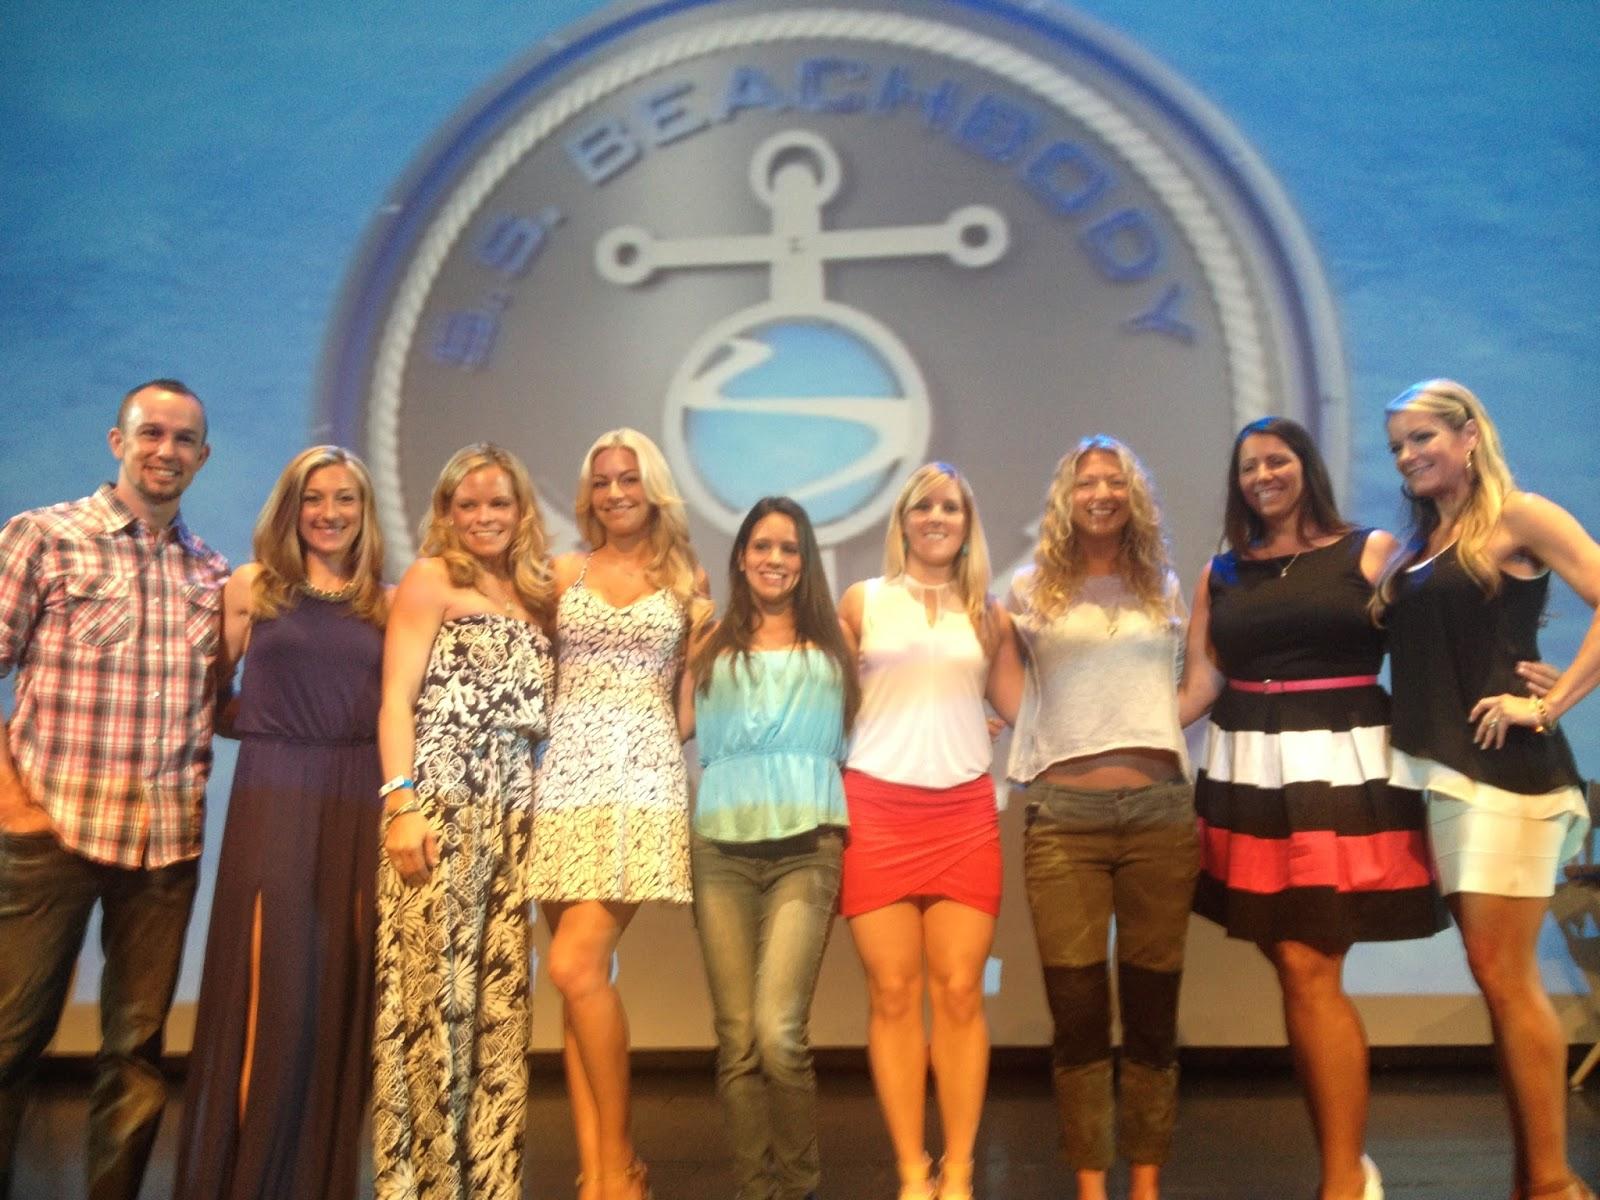 2013 Top 10 Team Beachbody Coaches, Success Club Trip 2014